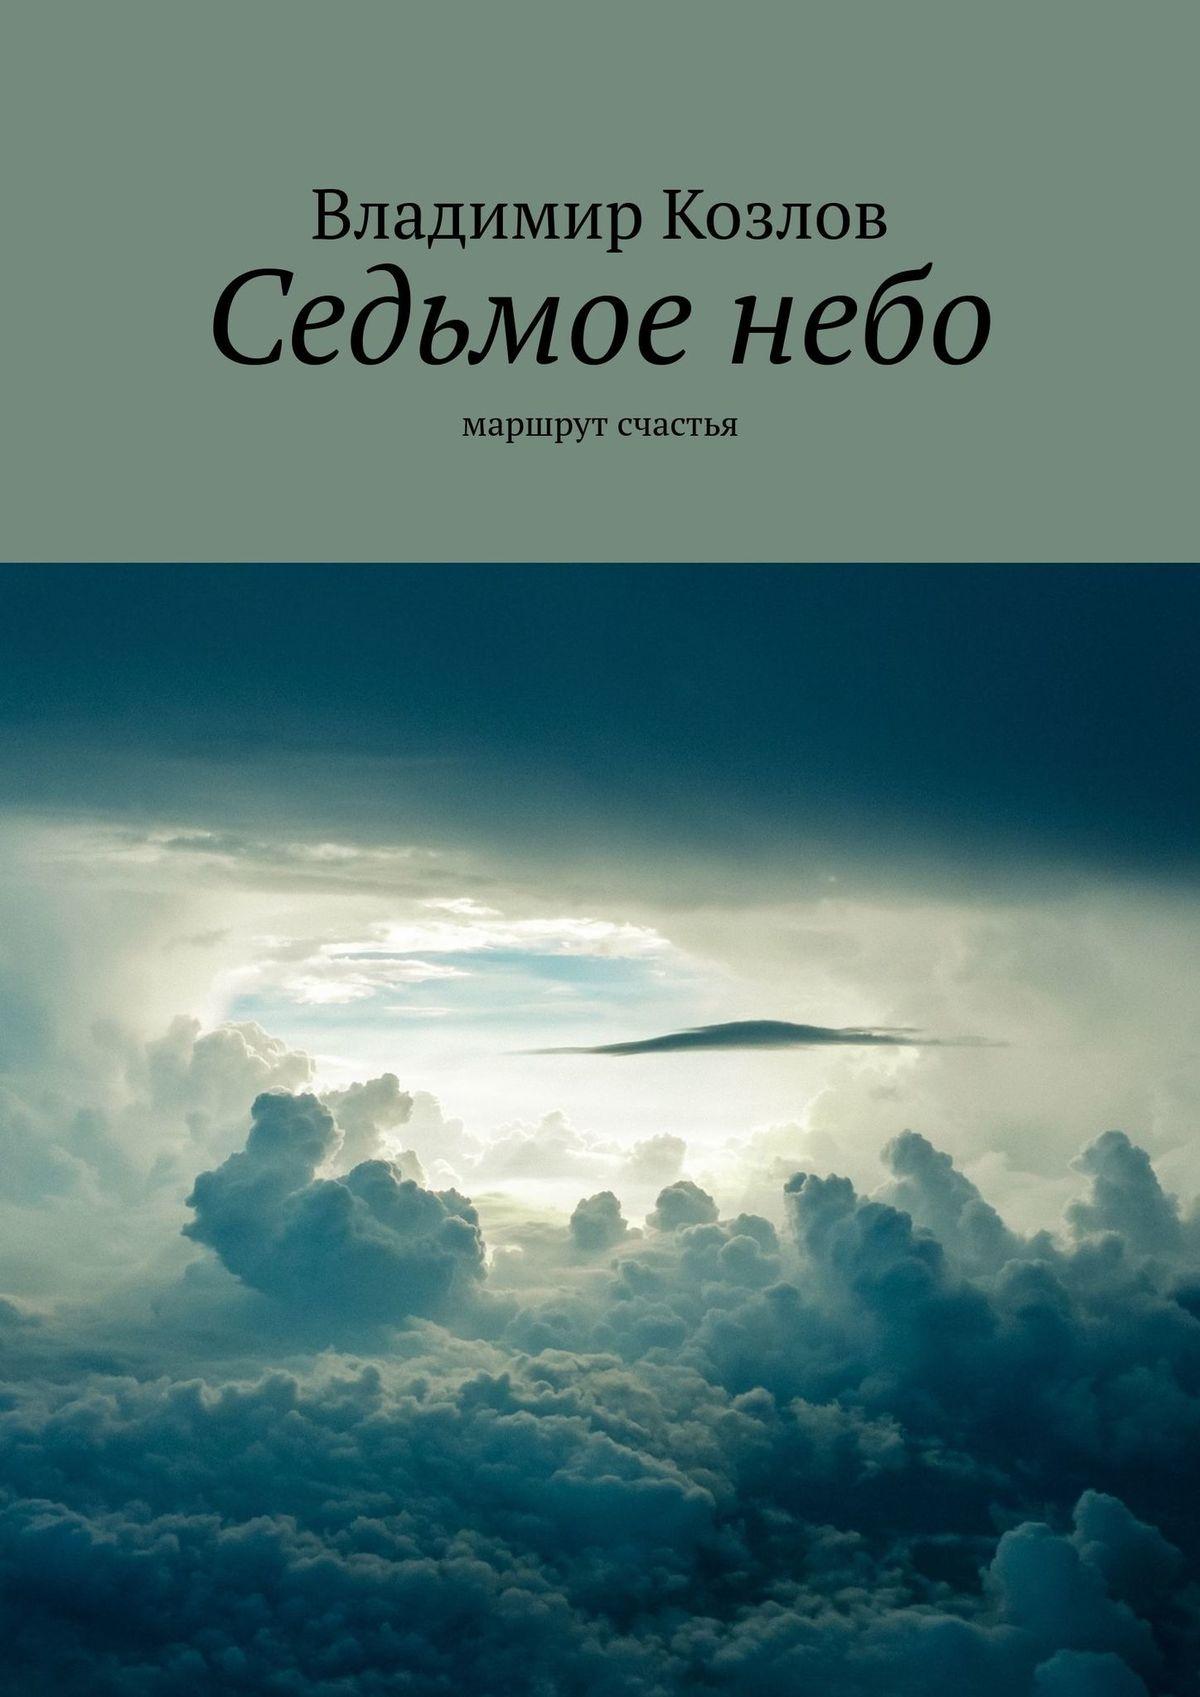 Владимир Козлов Седьмоенебо. маршрут счастья матрасы седьмое небо матрас седьмое небо принц классик 140х70х10 см